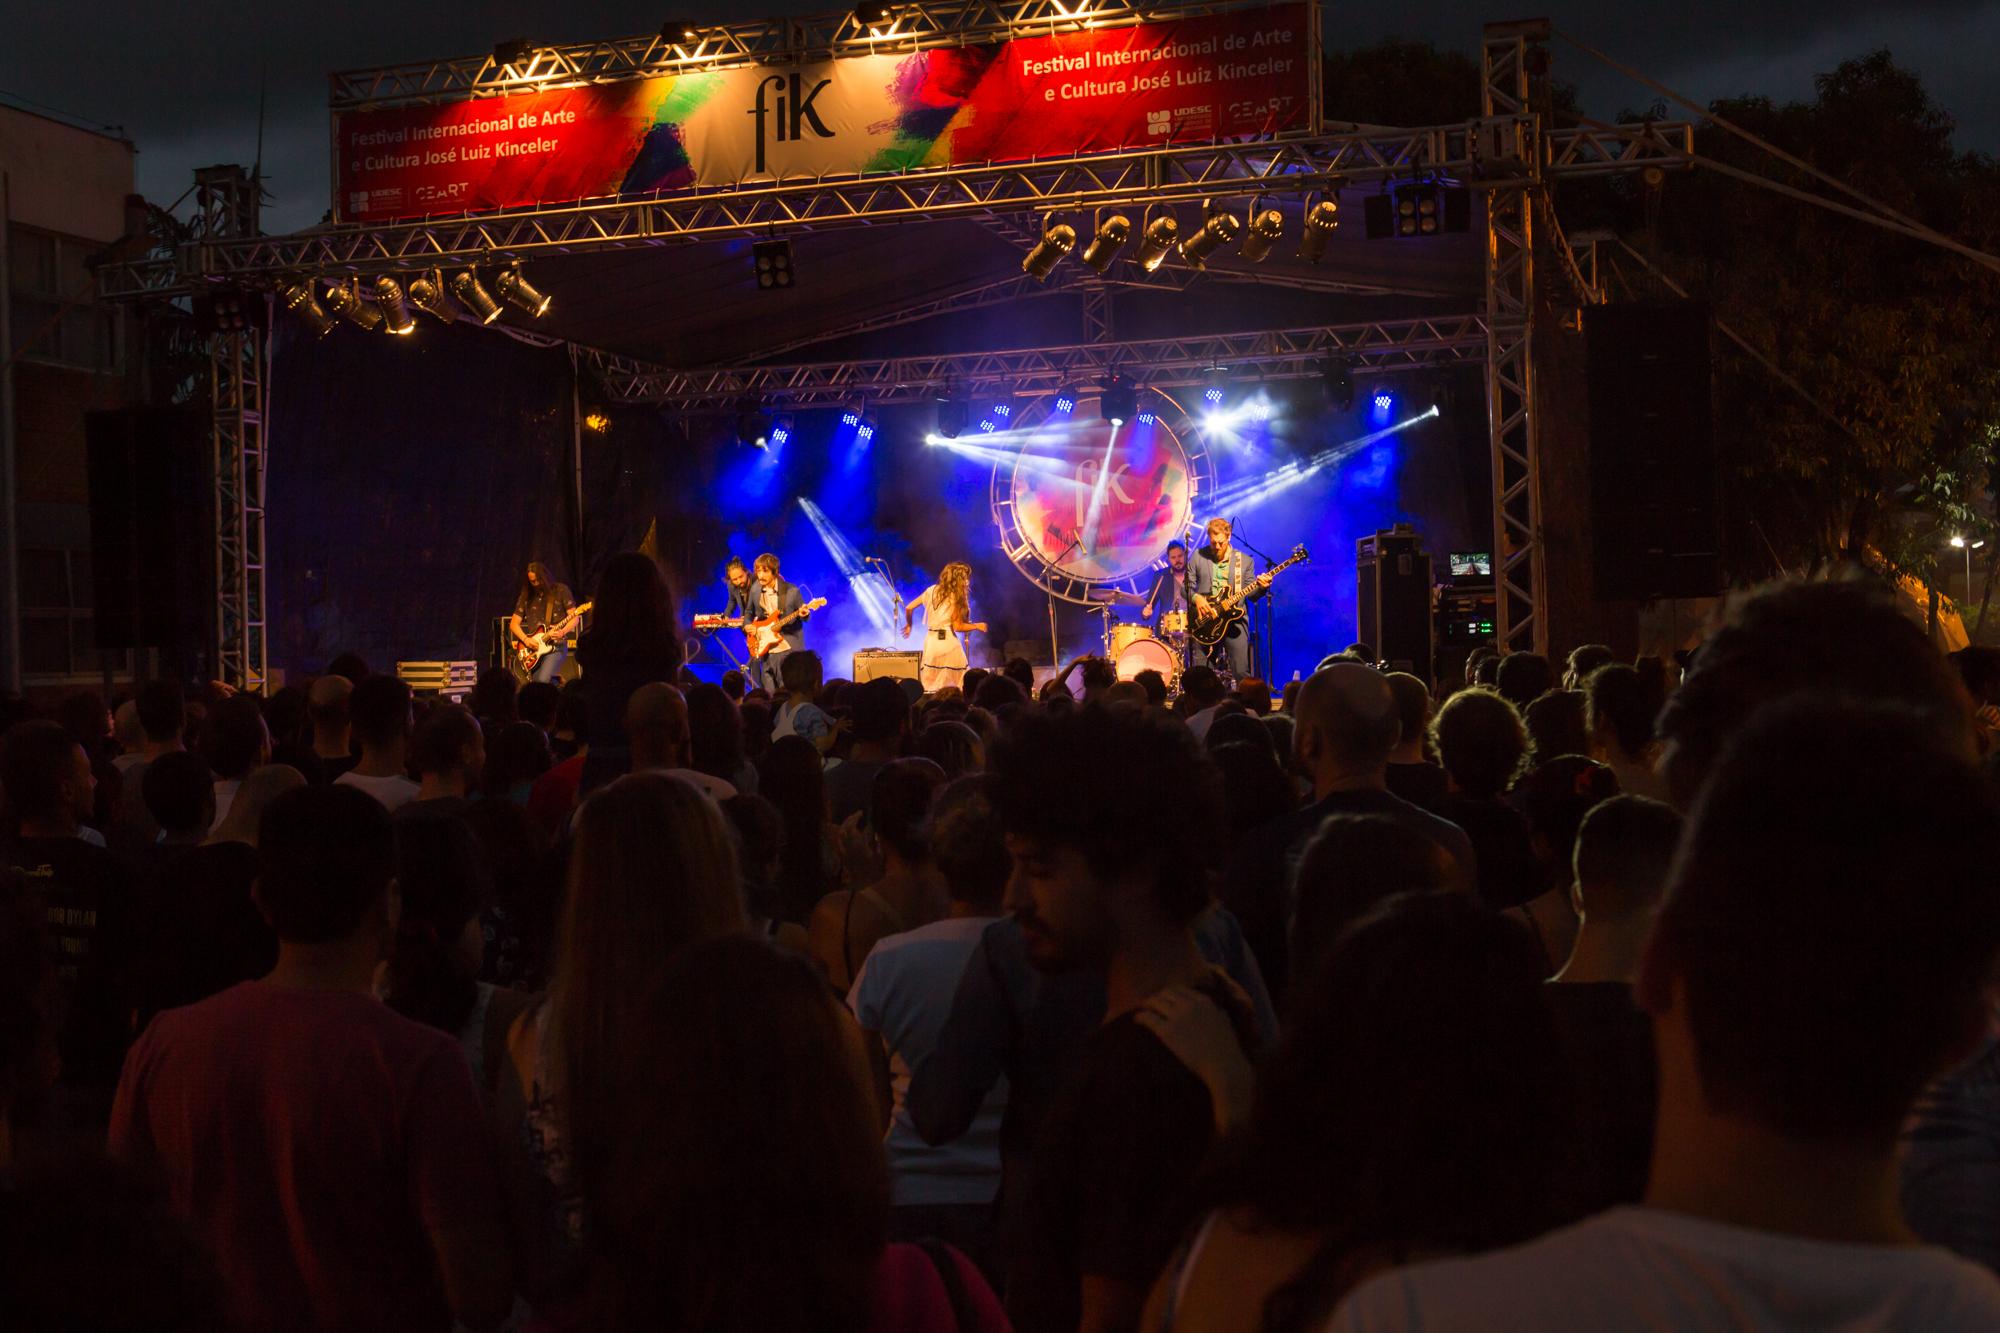 Festival Internacional - FIK 2018